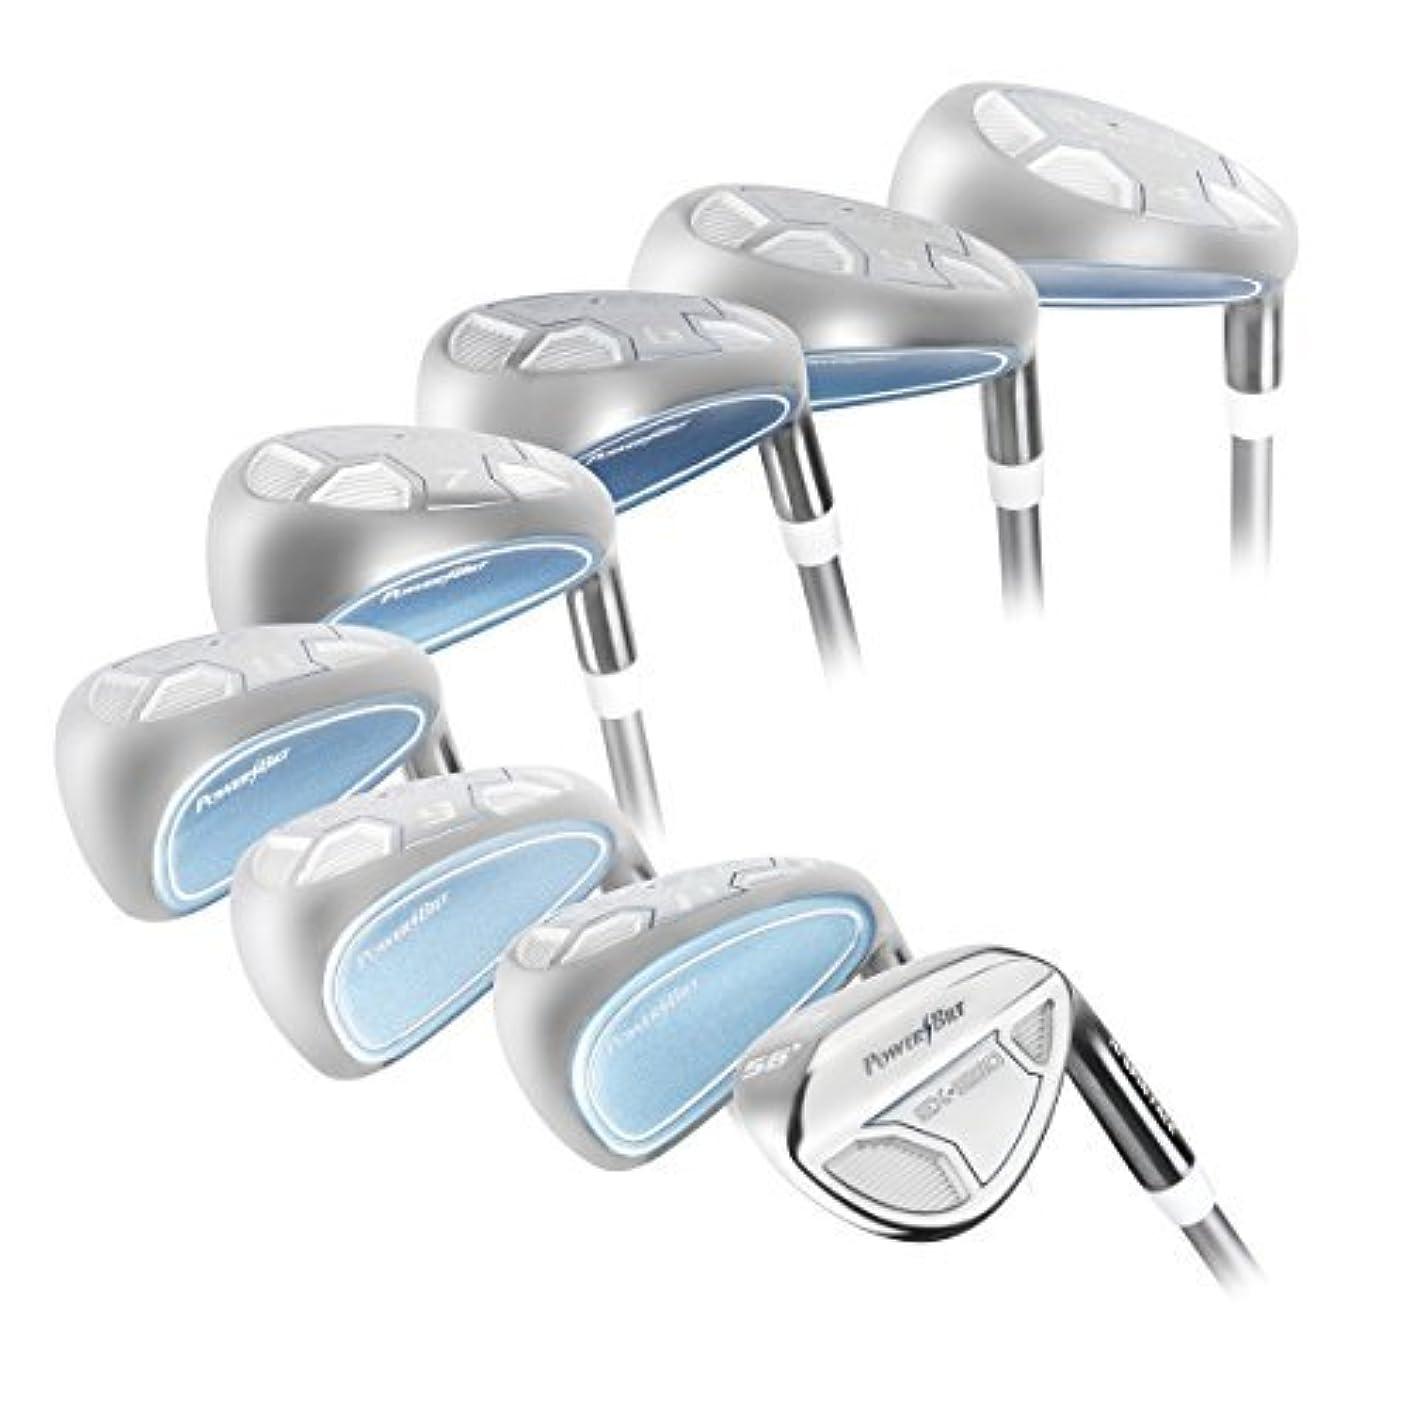 マキシムキリスト教キャッチPetite Lady's Powerbilt Golf EX-550 Hybrid Iron Set, which Includes: #4, 5, 6, 7, 8, 9, PW +SW Lady Flex Right Handed New Utility L Flex Club [並行輸入品]